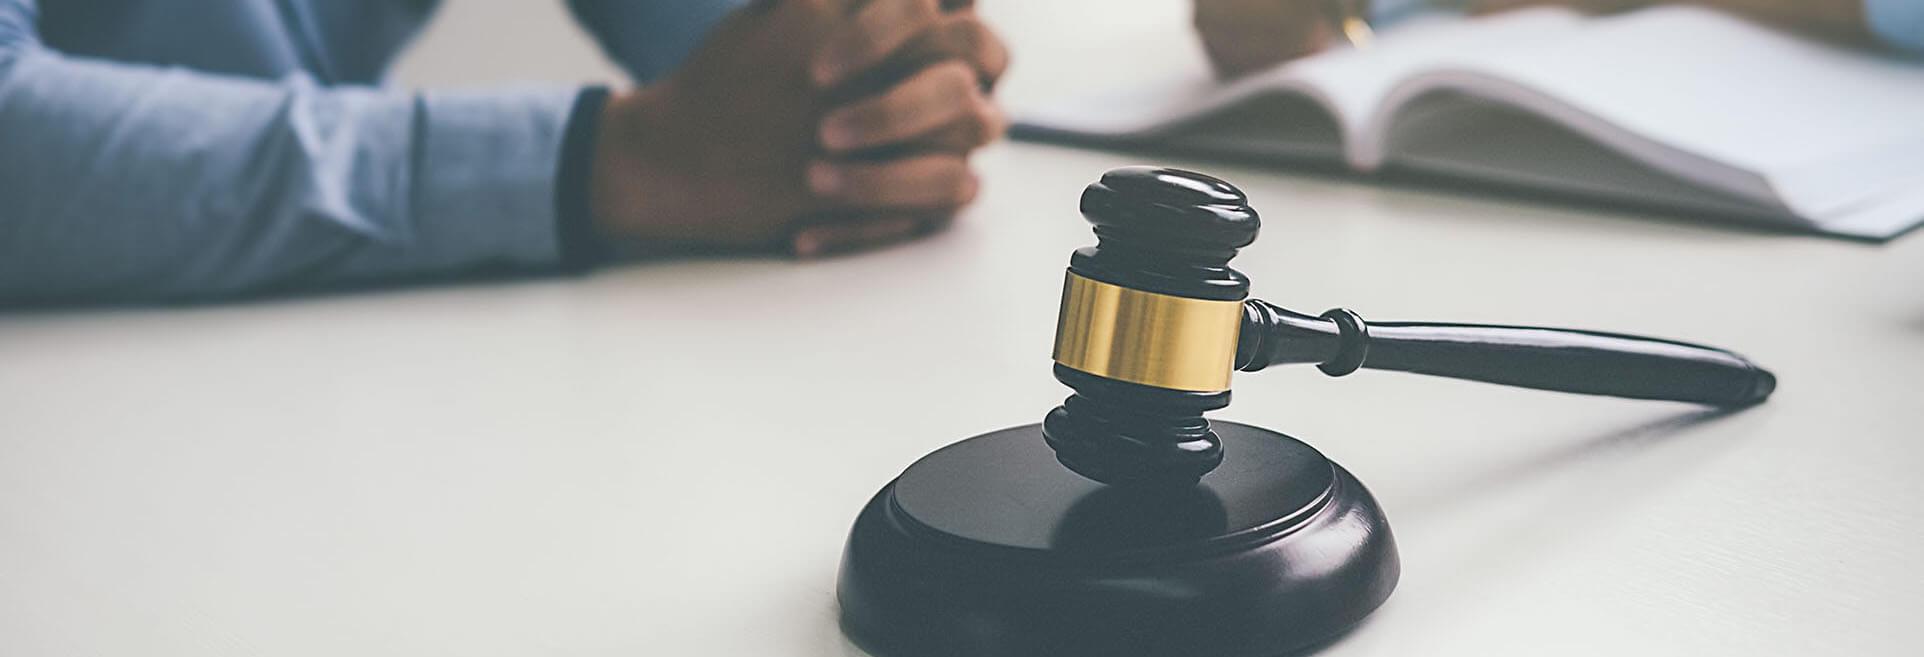 Юристы по юридическим делам